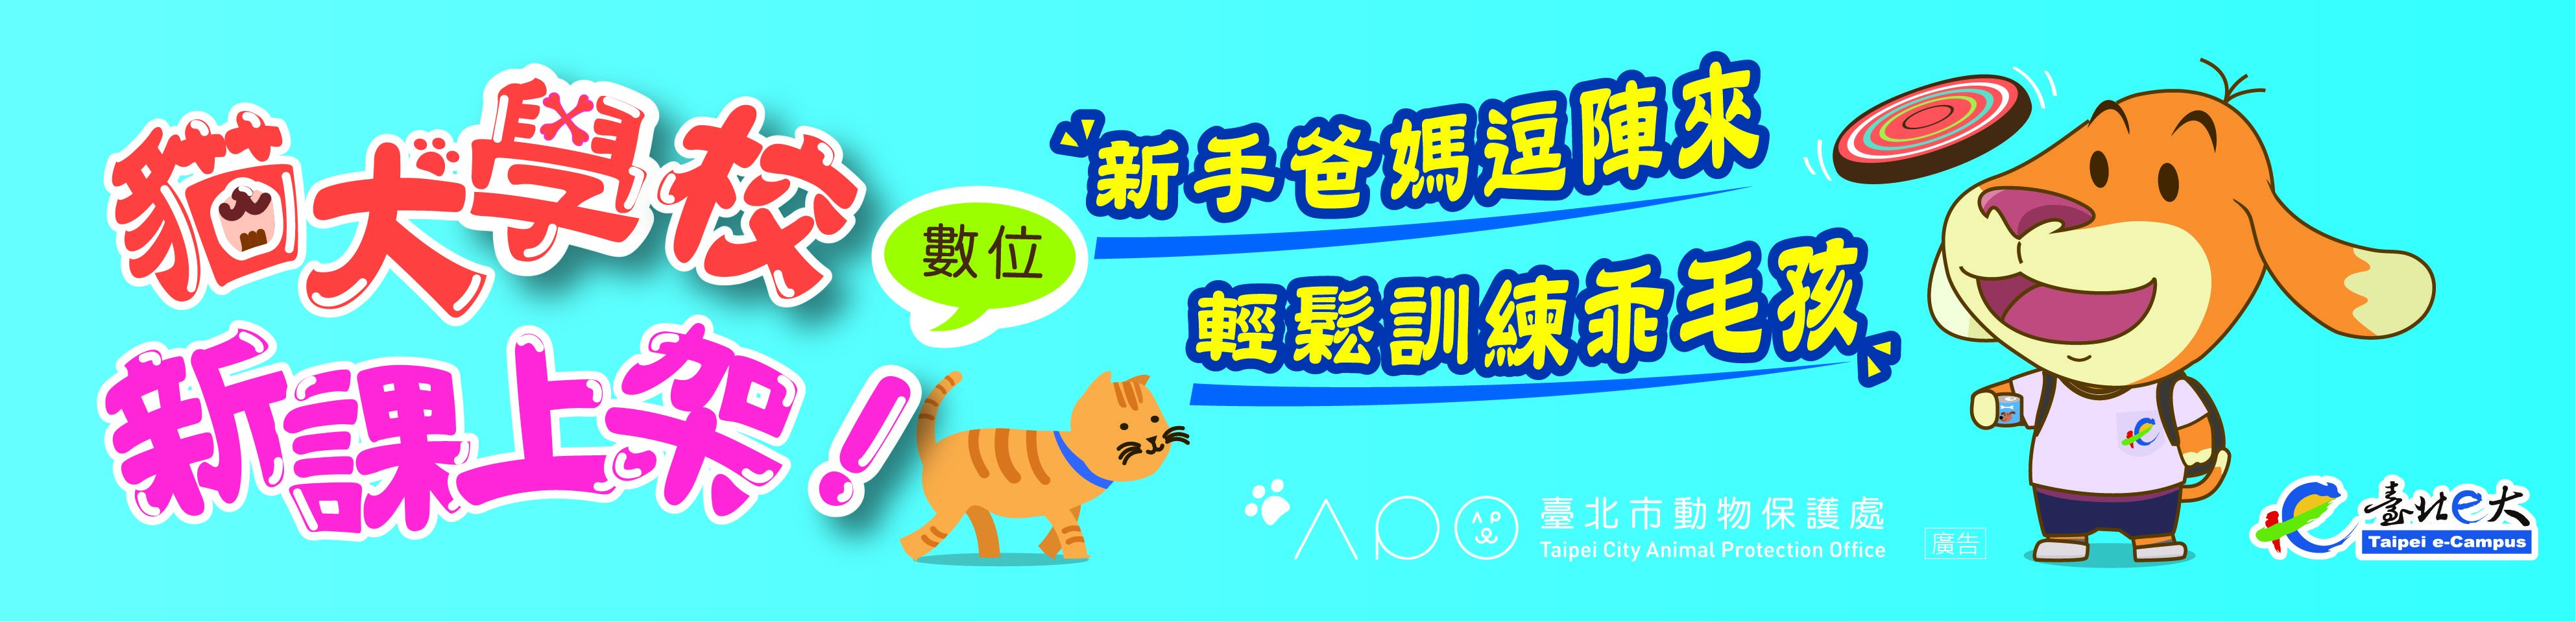 臺北市貓犬學校